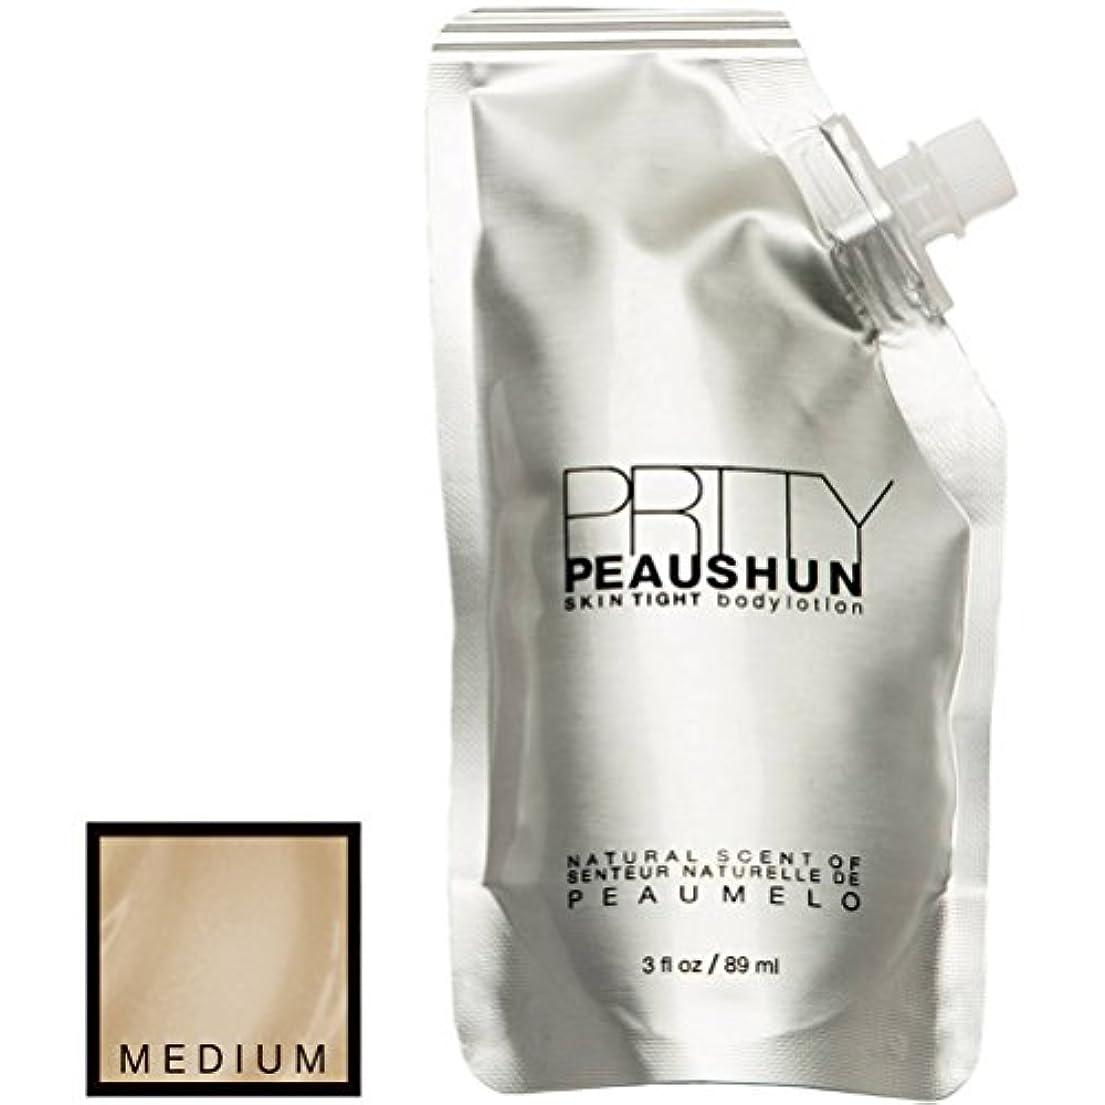 技術者シャックル電気的Prtty Peaushun Skin Tight Body Lotion - Medium by Prtty Peaushun